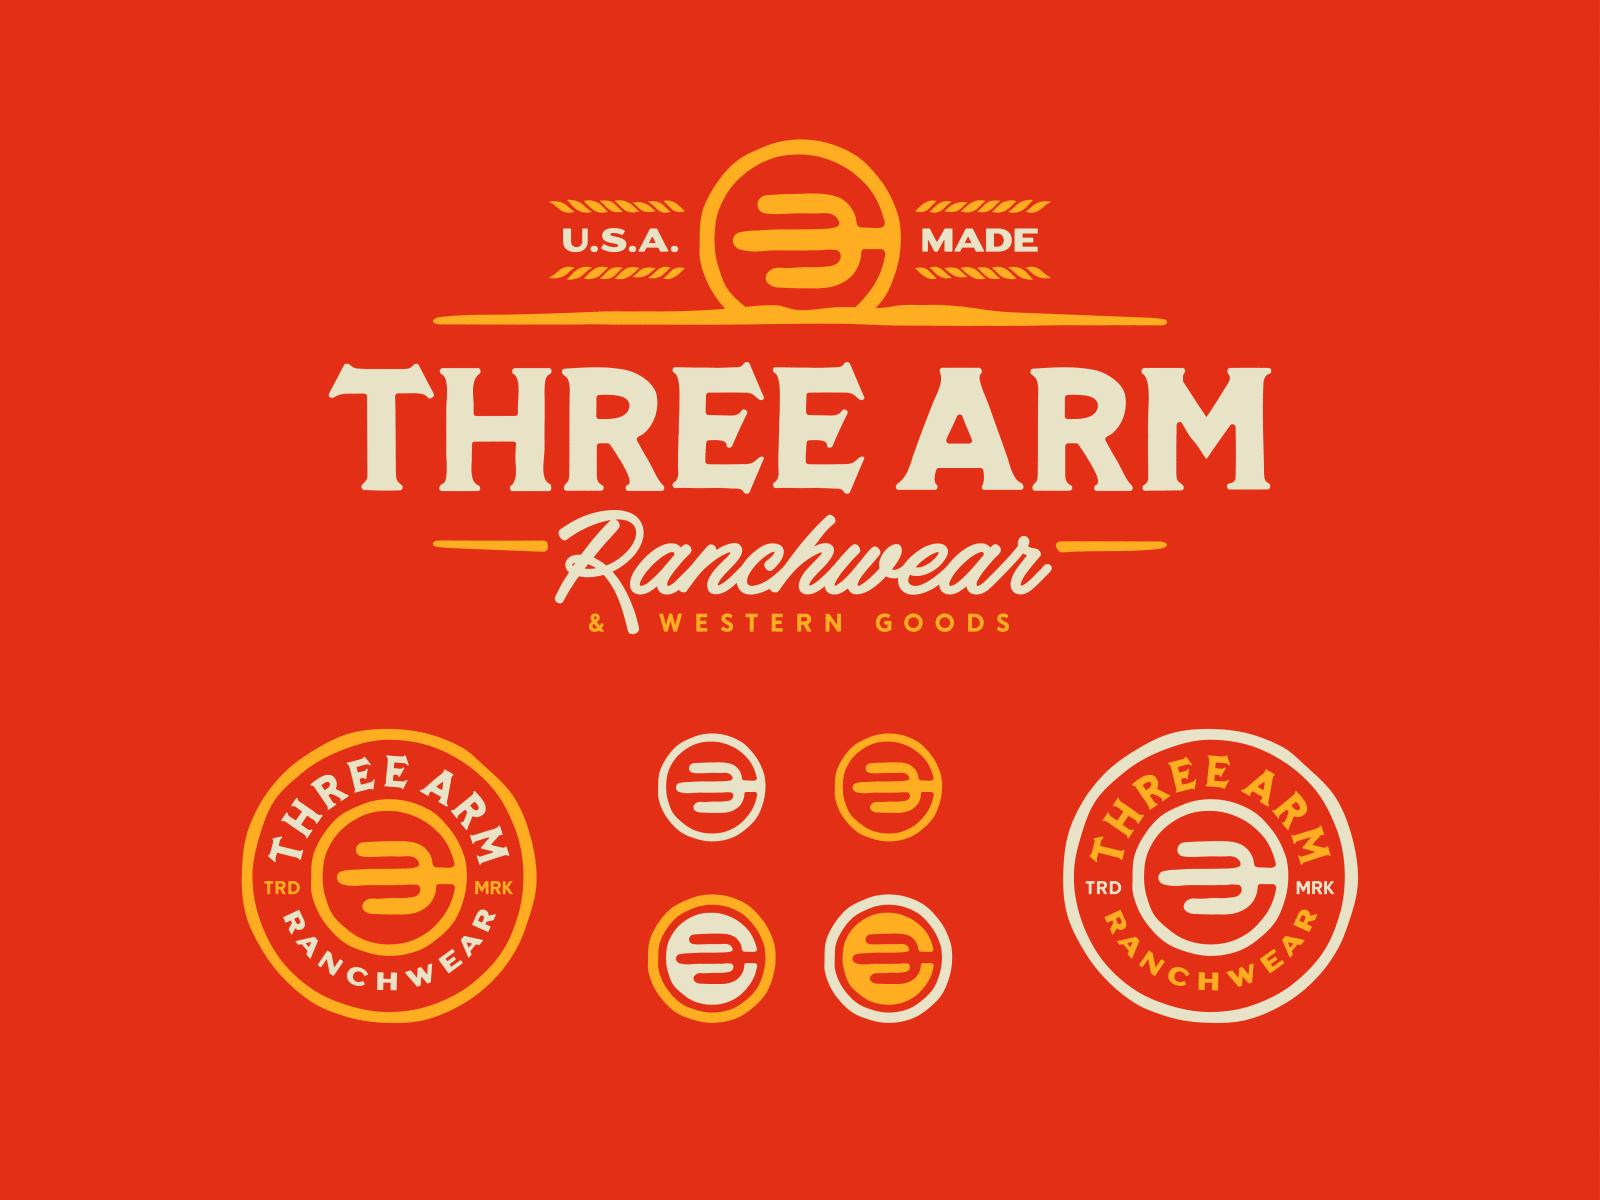 Three Arm Ranchwear